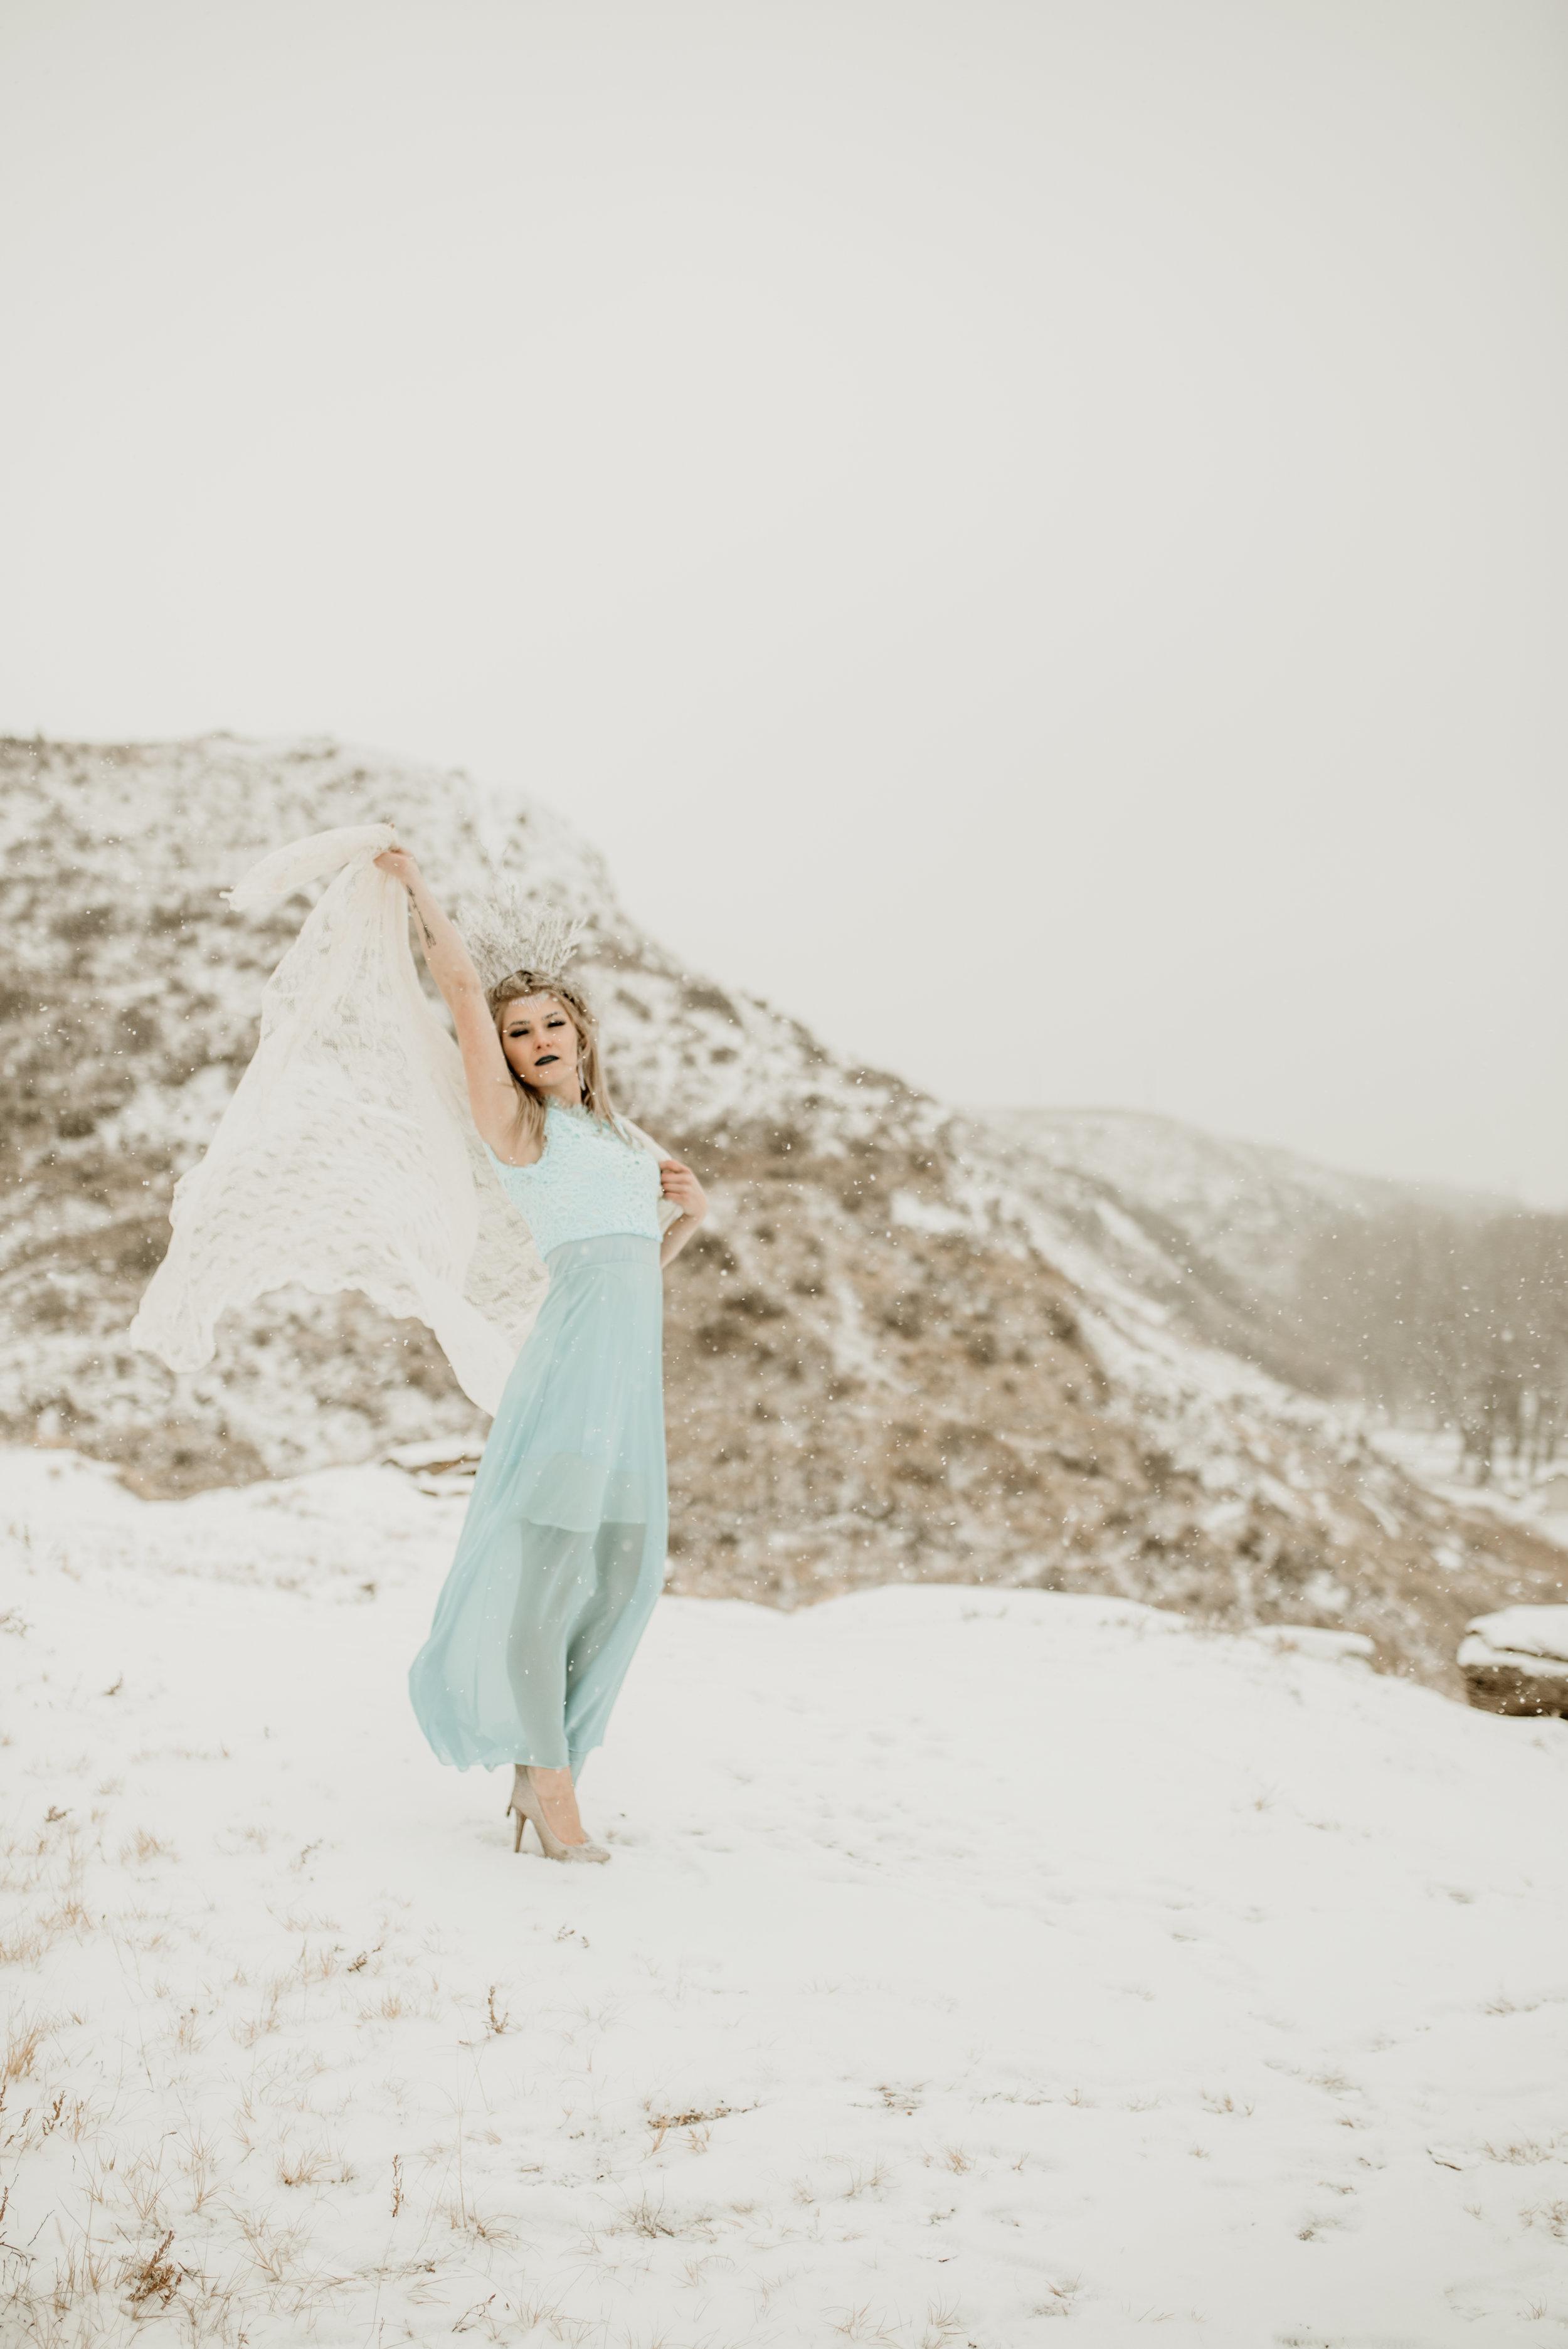 snow queen - jade-18.jpg